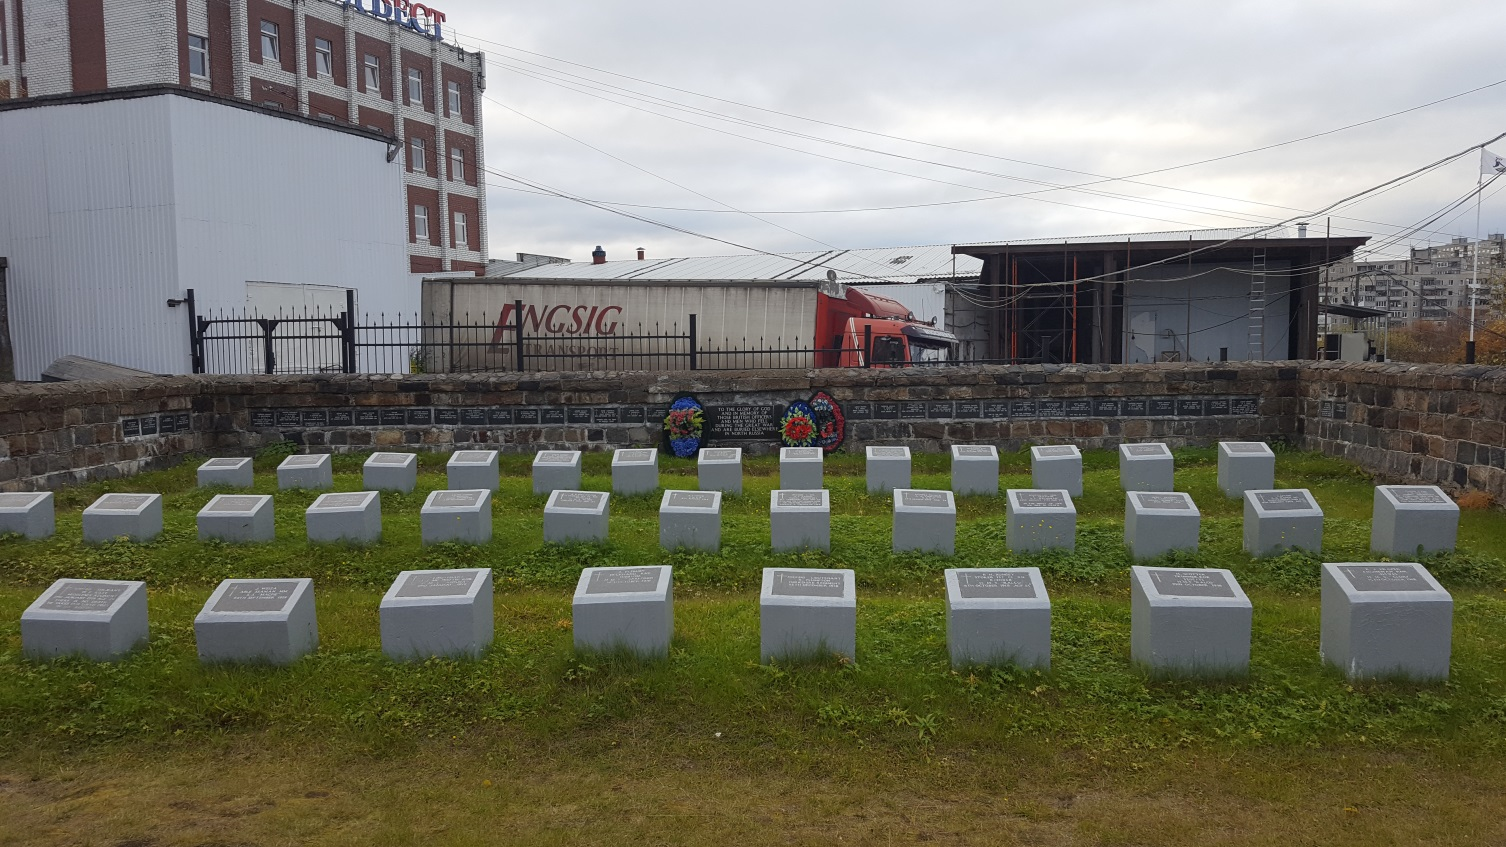 Die Fischfabrik Nord-West liegt direkt hinter dem Friedhof. - Foto: Lena Seglitz-Baierl